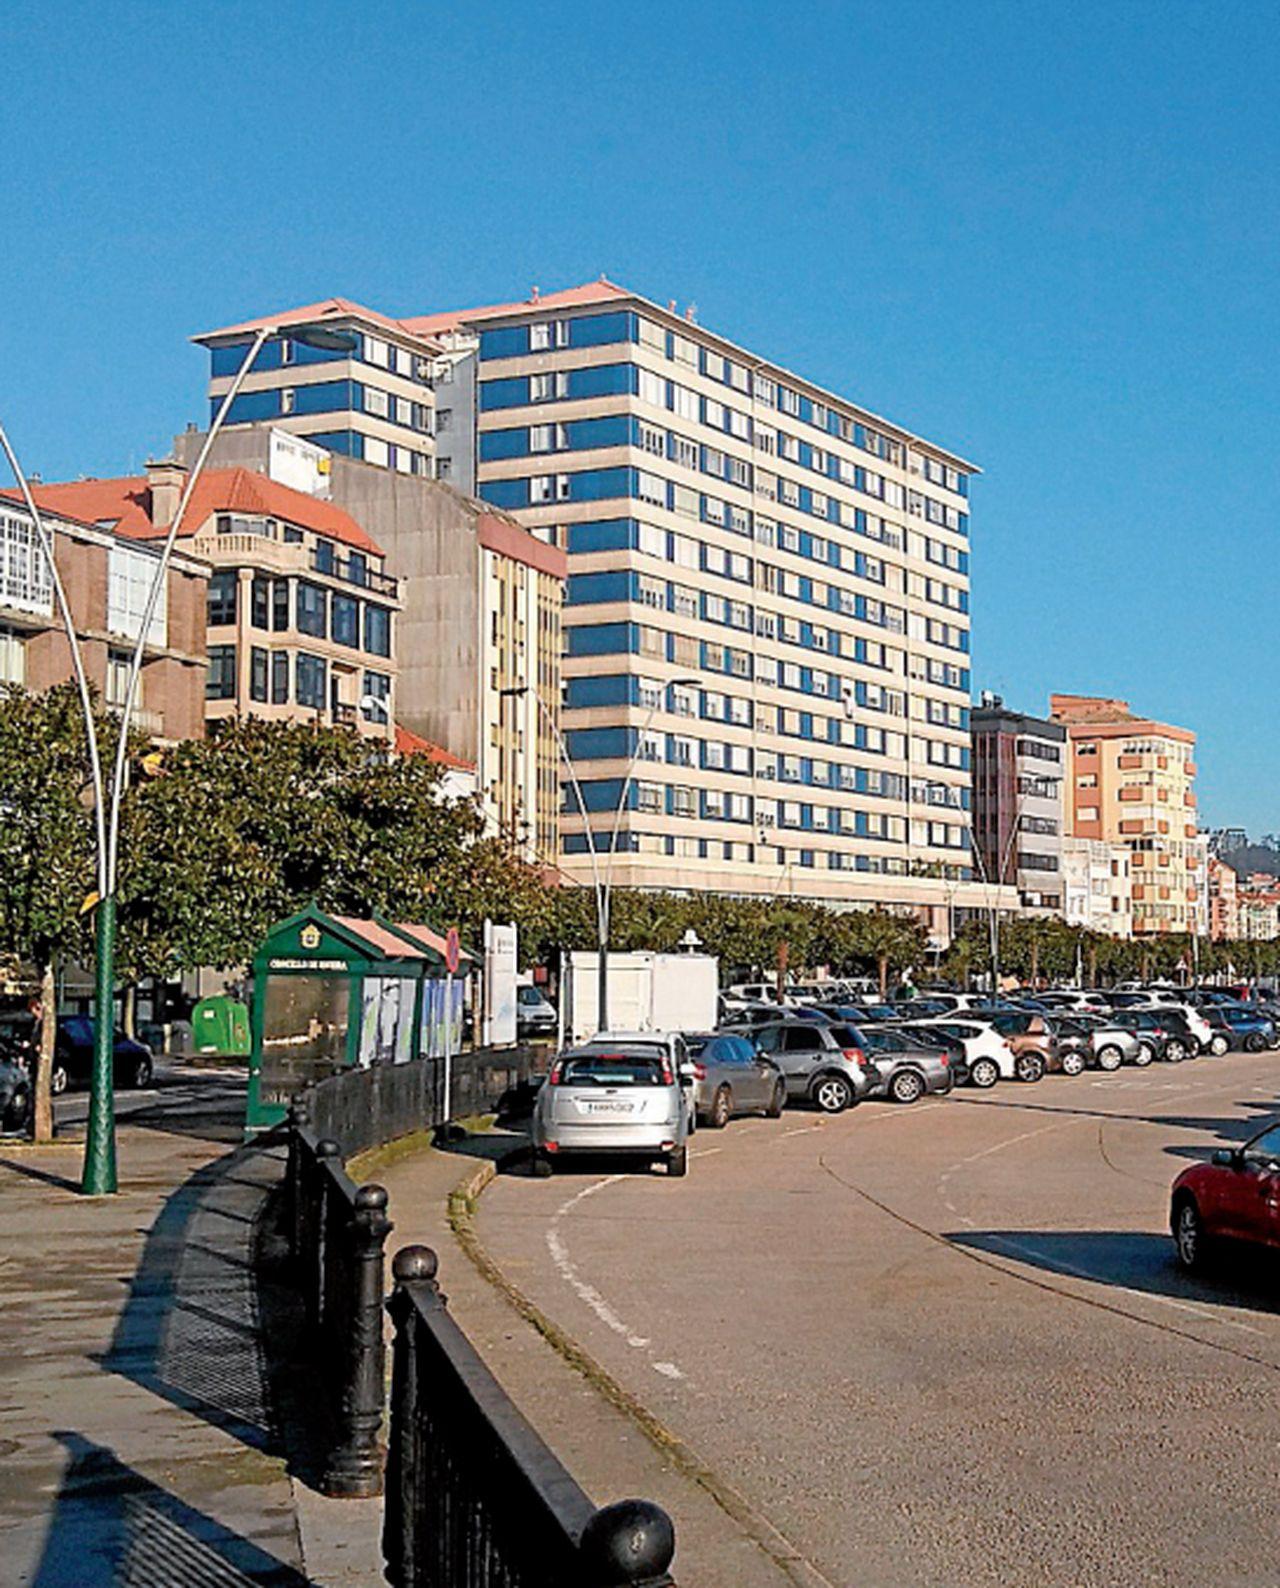 Estado actual de la avenida do Malecón de Ribeira, la fachada al mar de una ciudad que se va a reordenar en función del peatón - FOTO: C.D.R.